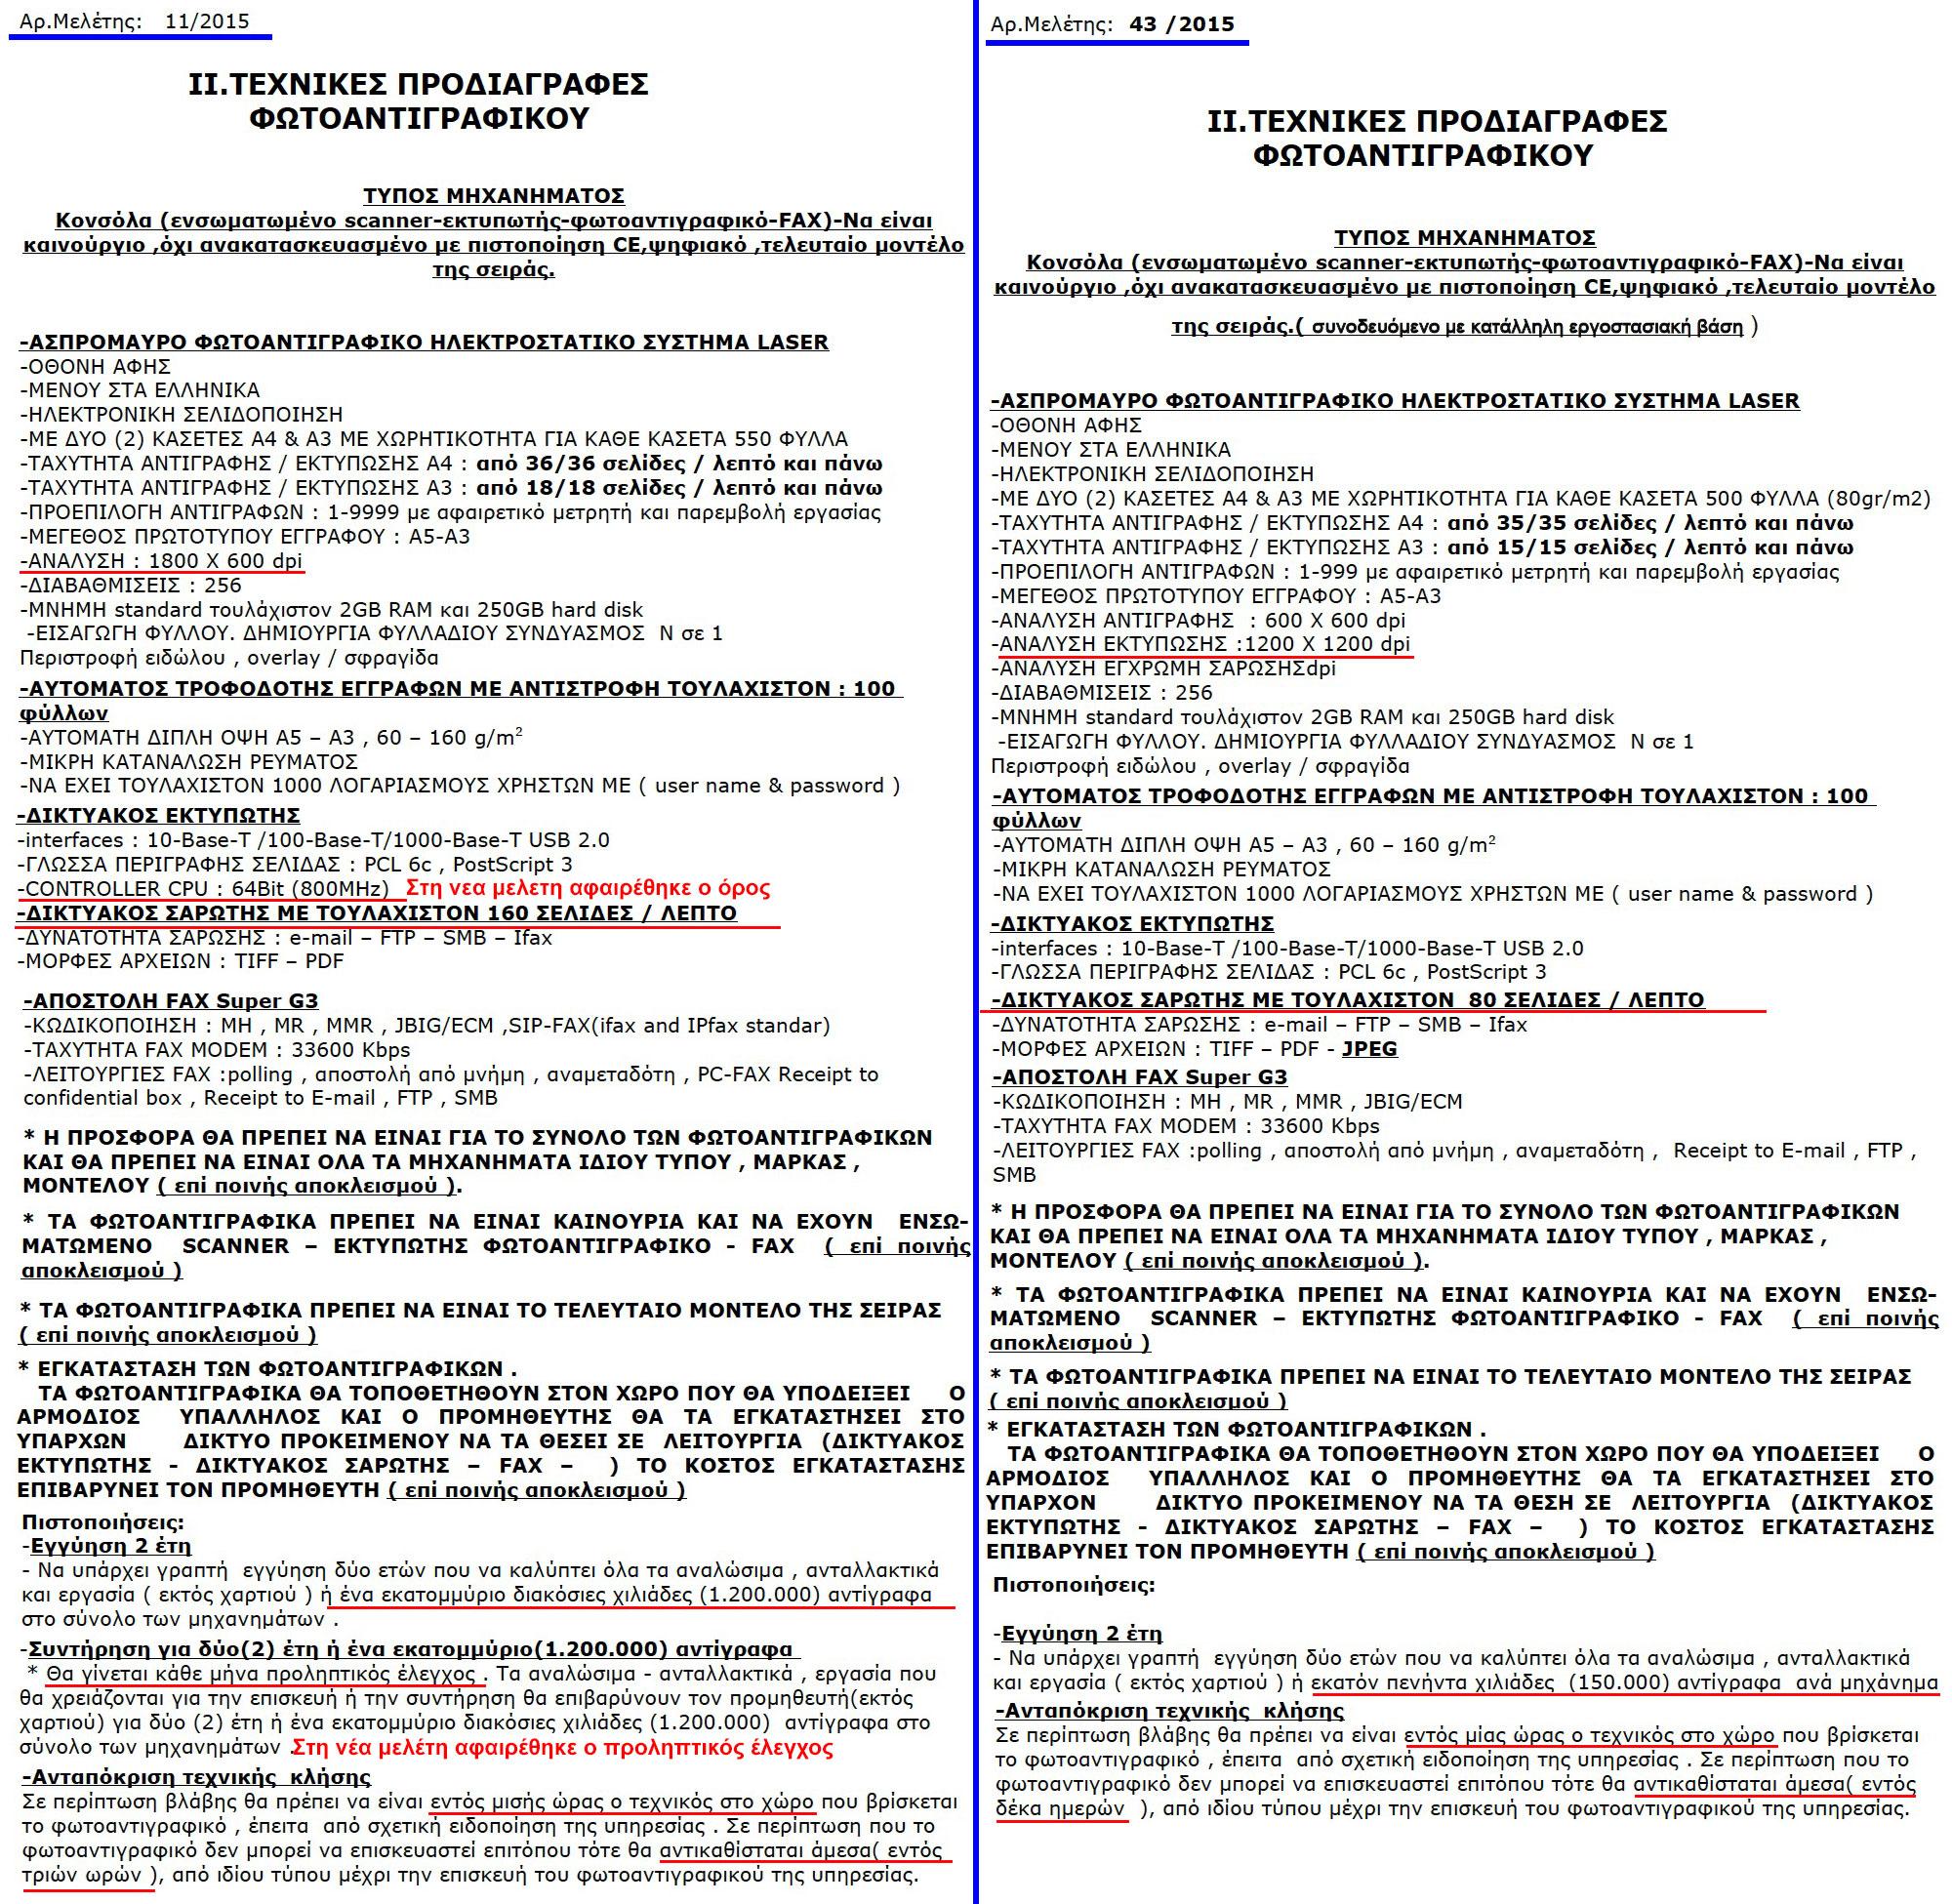 Διαφορές μελετών 11 & 43 του 2015 σχετικά με την προμήθεια 10 φωτοαντιγραφικών και τη συντήρησή τους